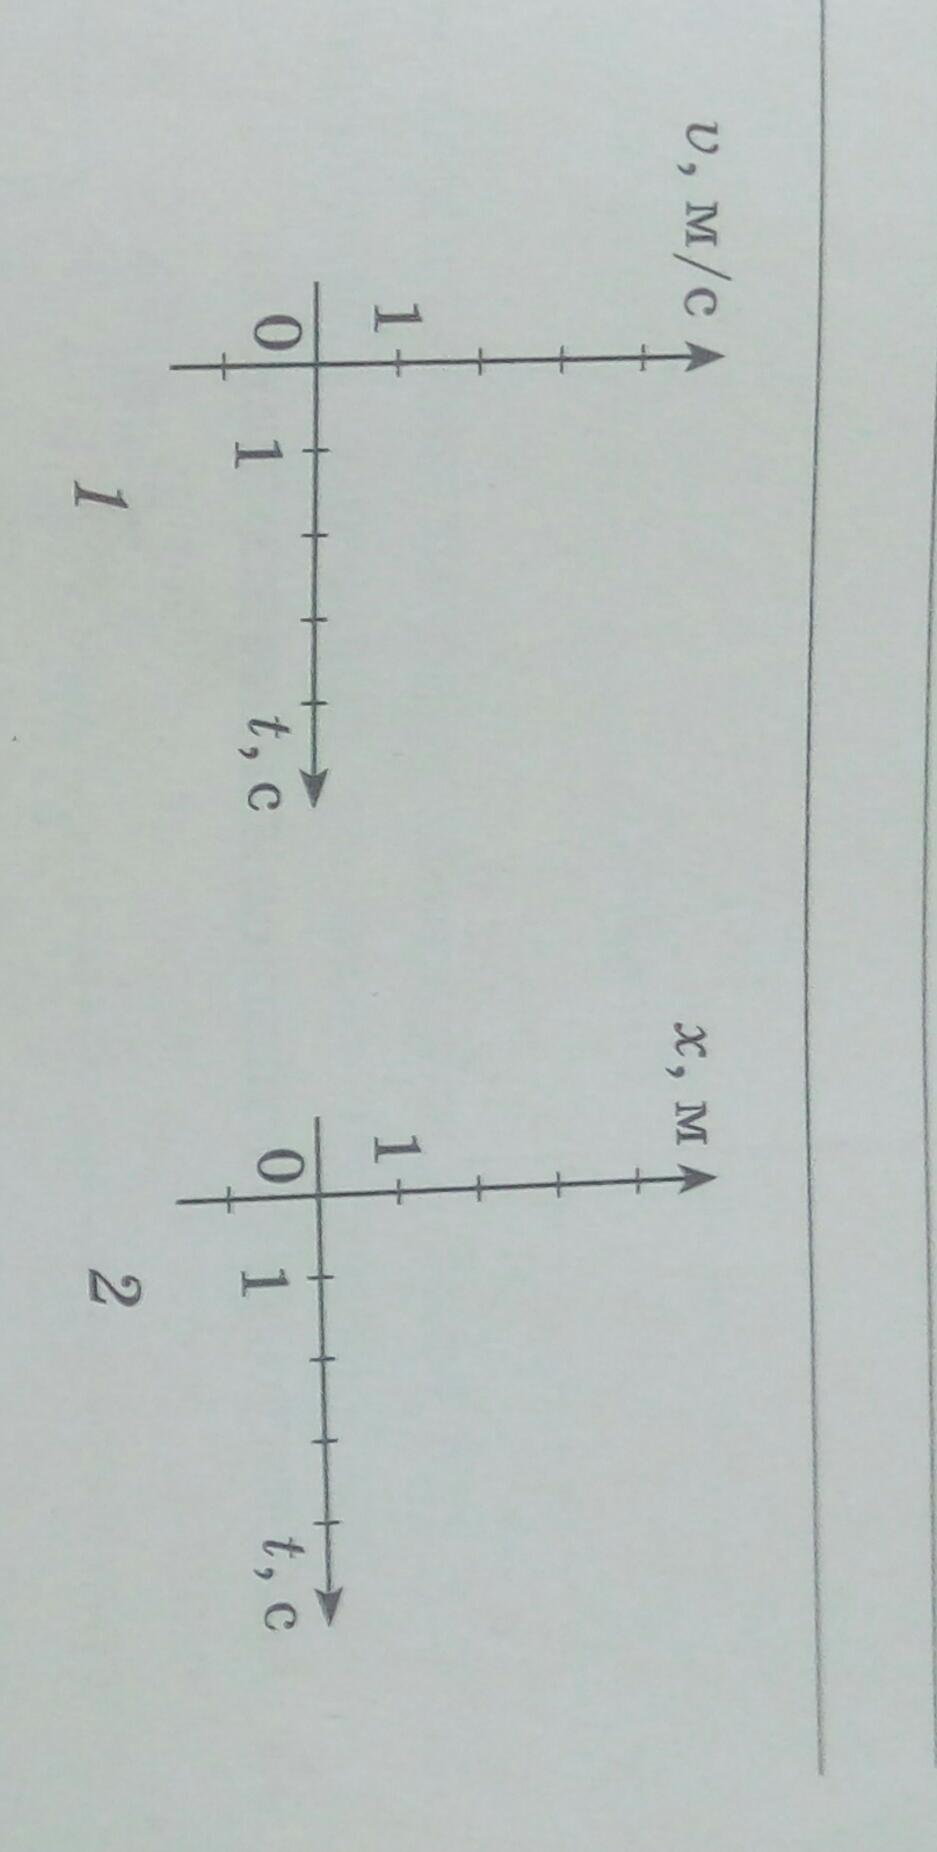 уравнение скорости тела имеет вид v